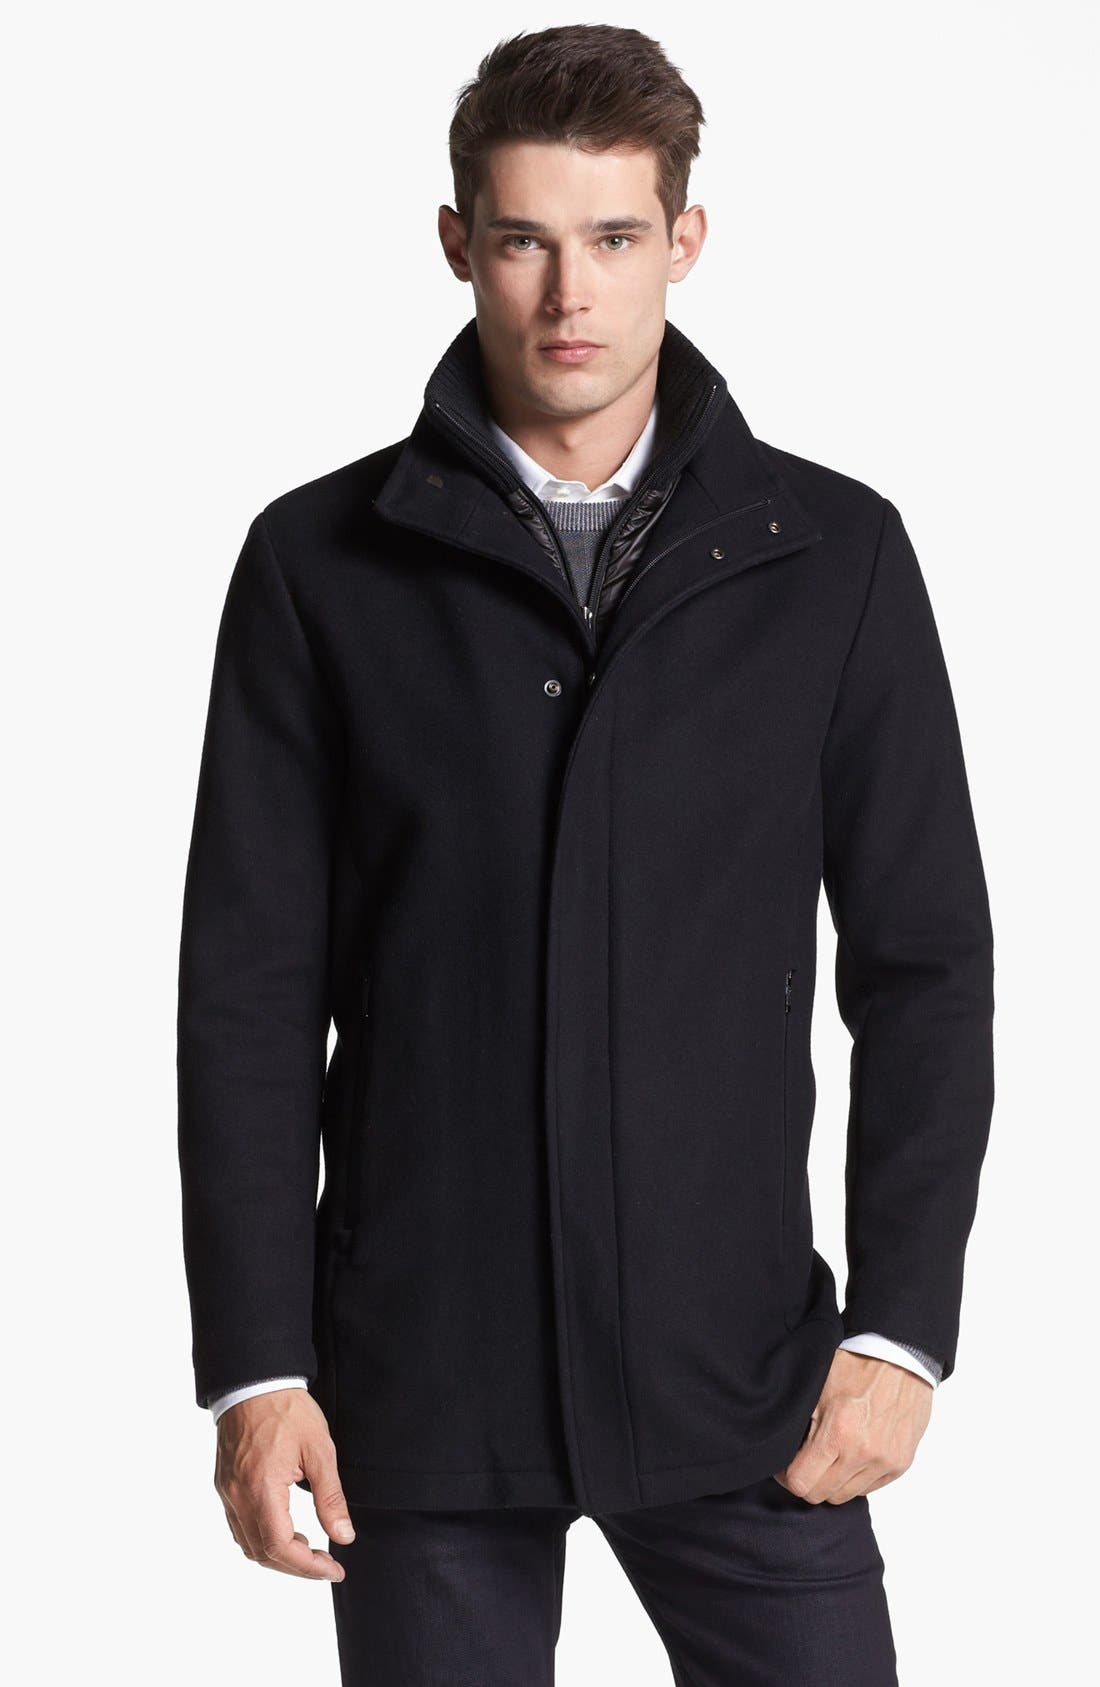 Main Image - Armani Collezioni Wool Blend Winter Jacket